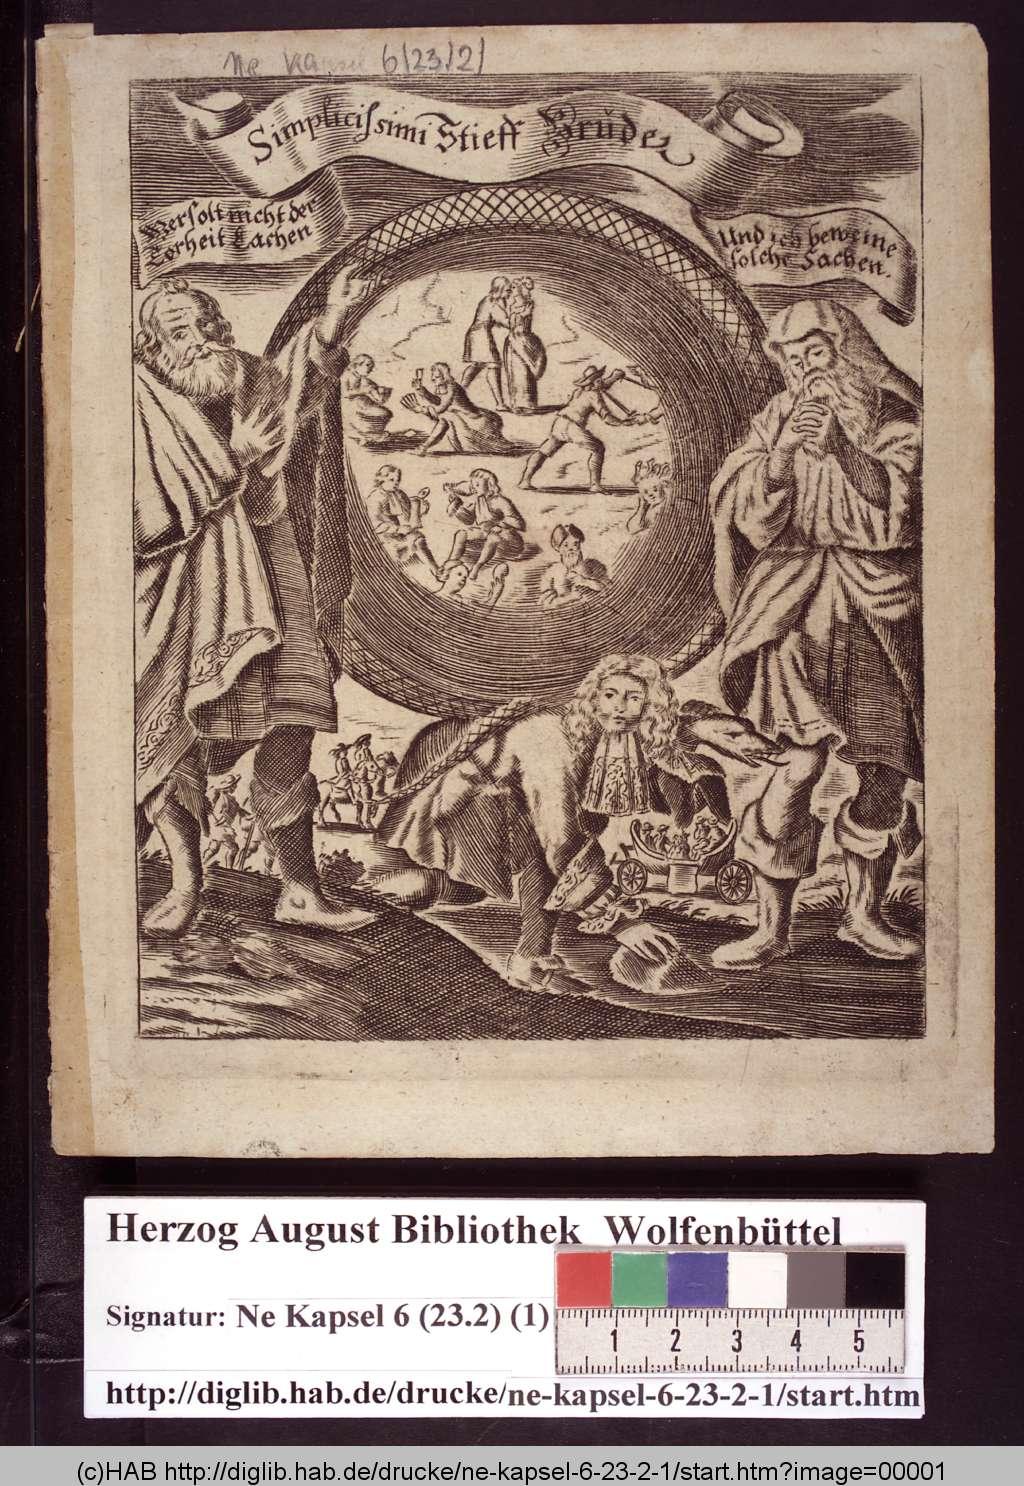 http://diglib.hab.de/drucke/ne-kapsel-6-23-2-1/00001.jpg